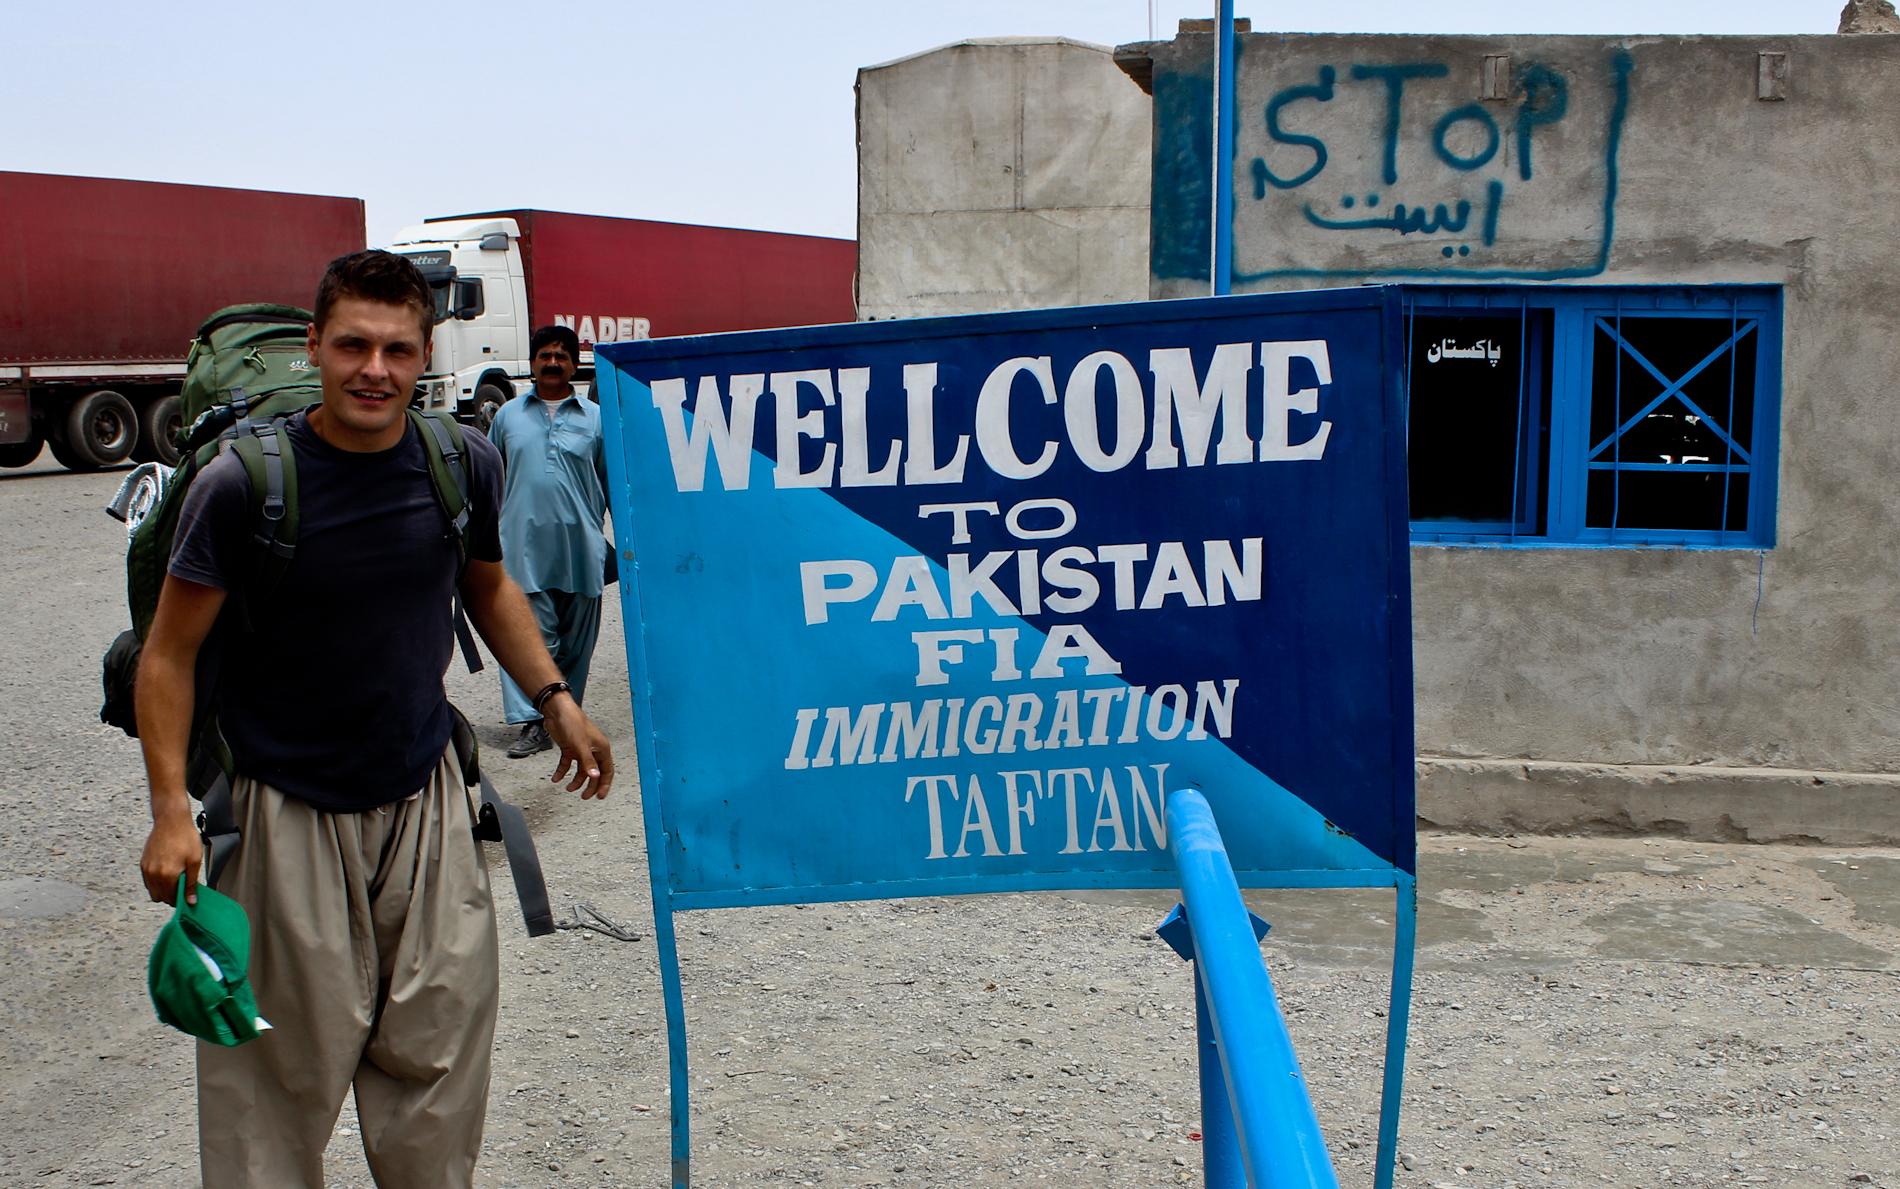 Przejście graniczne Iran-Pakistan (Taftan)